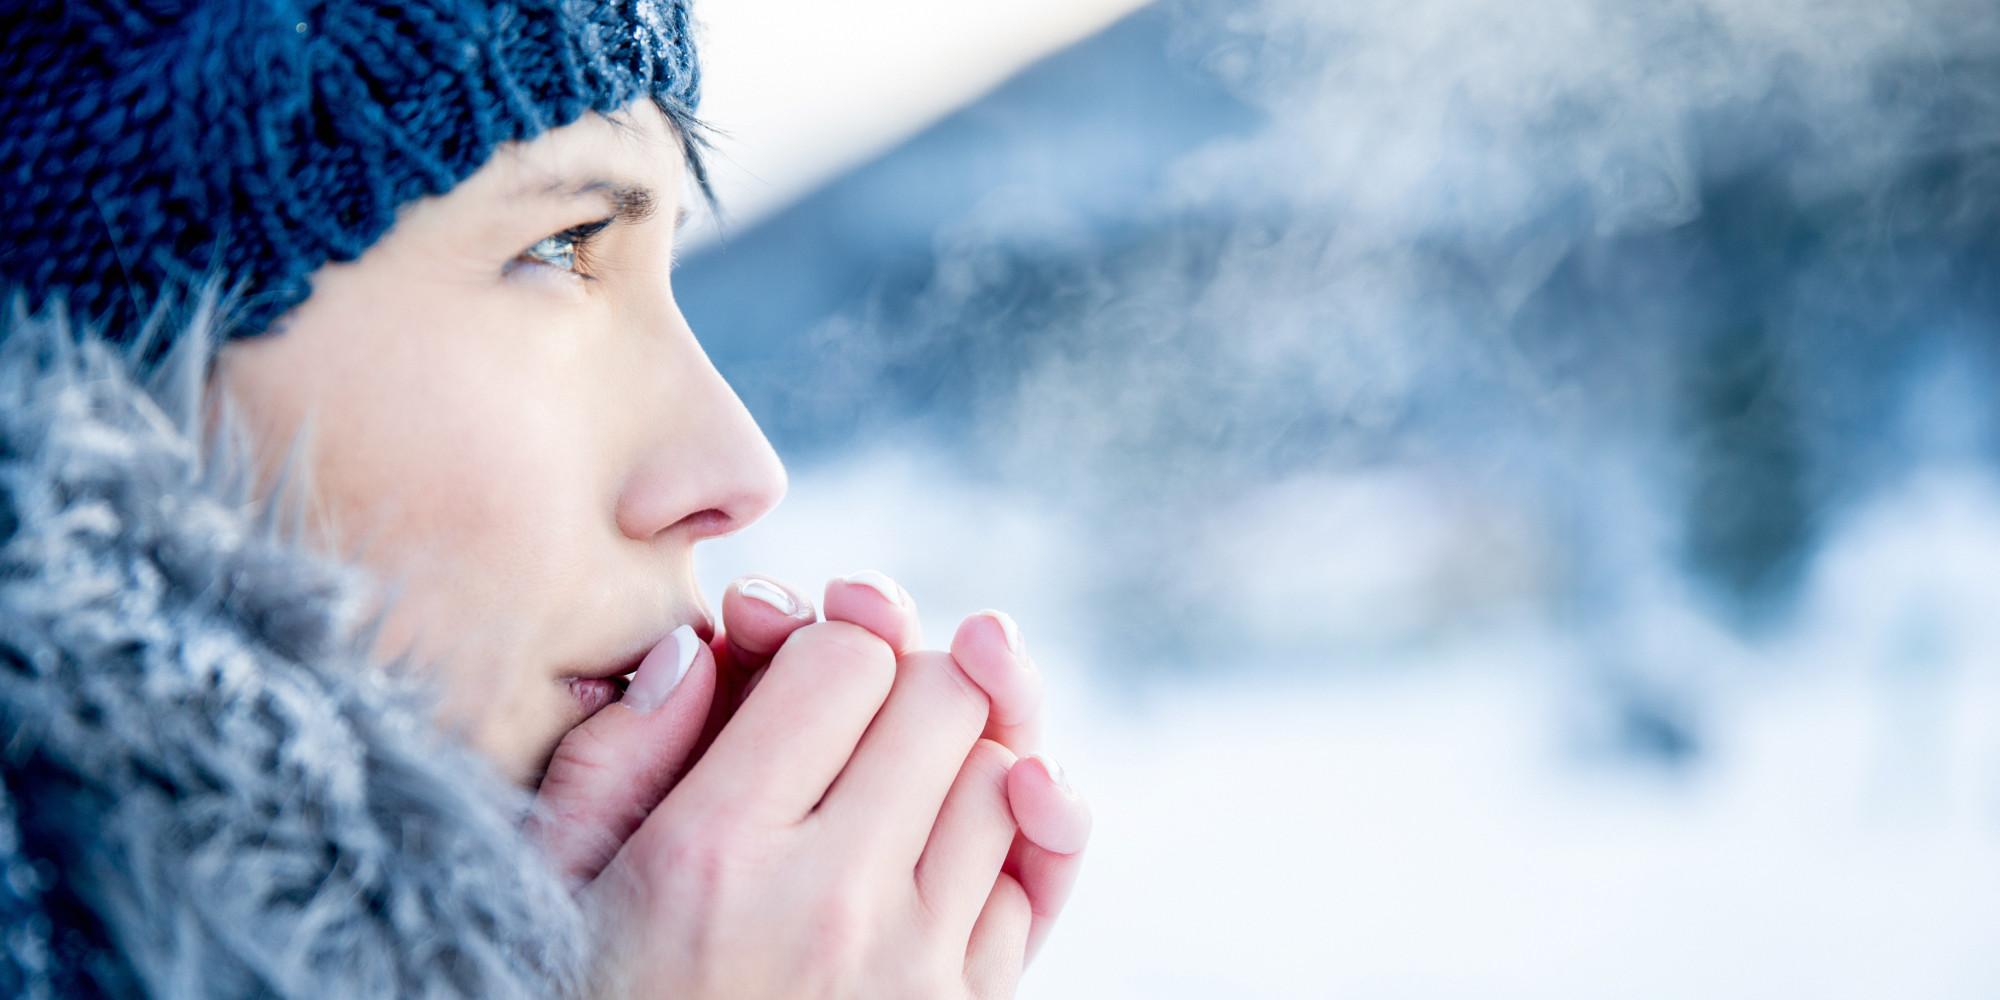 Как заболеть простудой с температурой